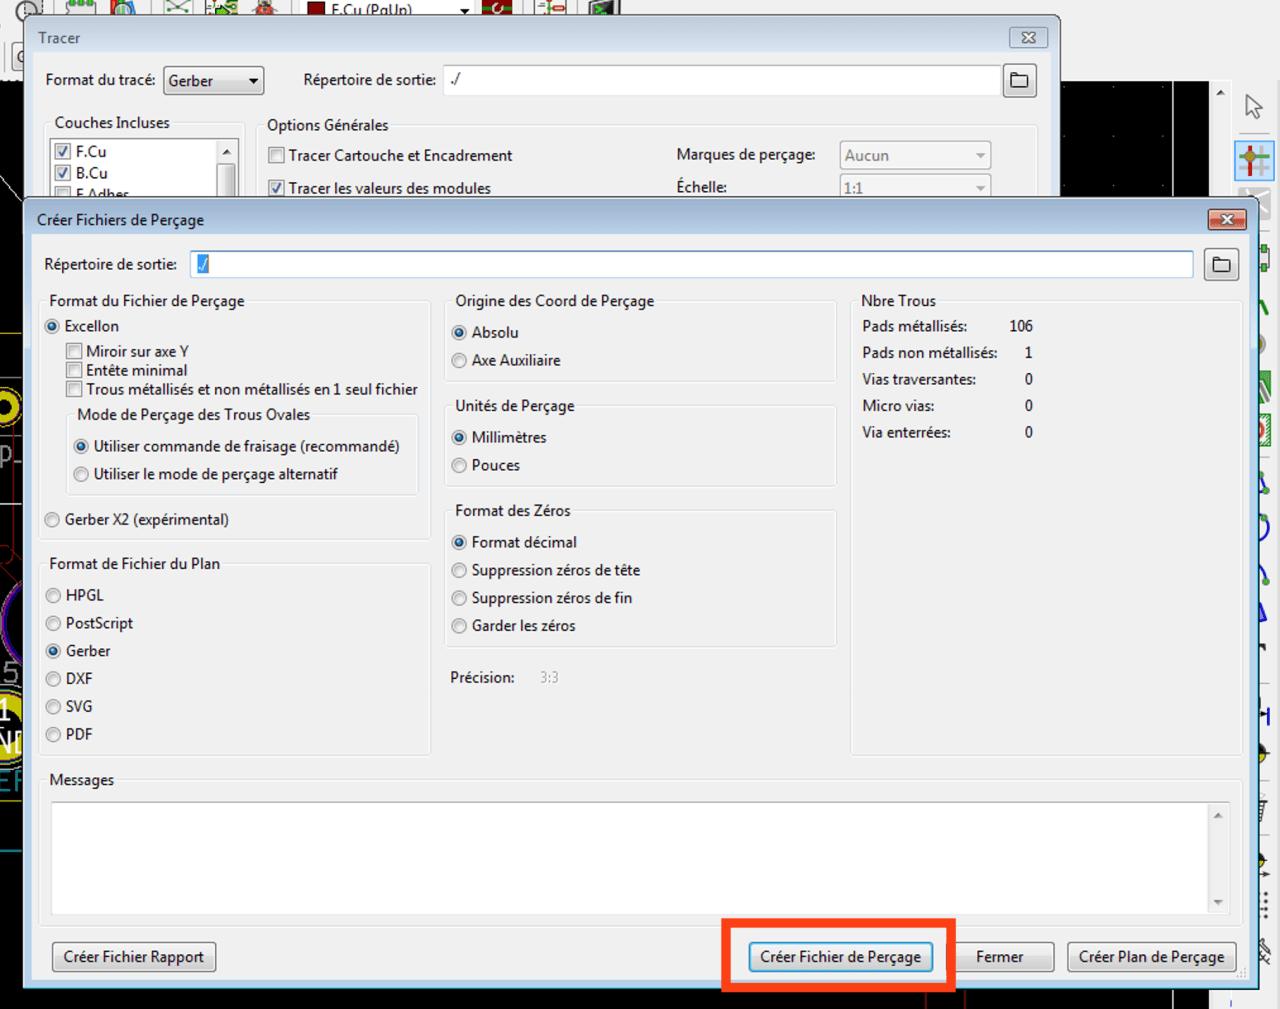 Exporter fichiers de perçage